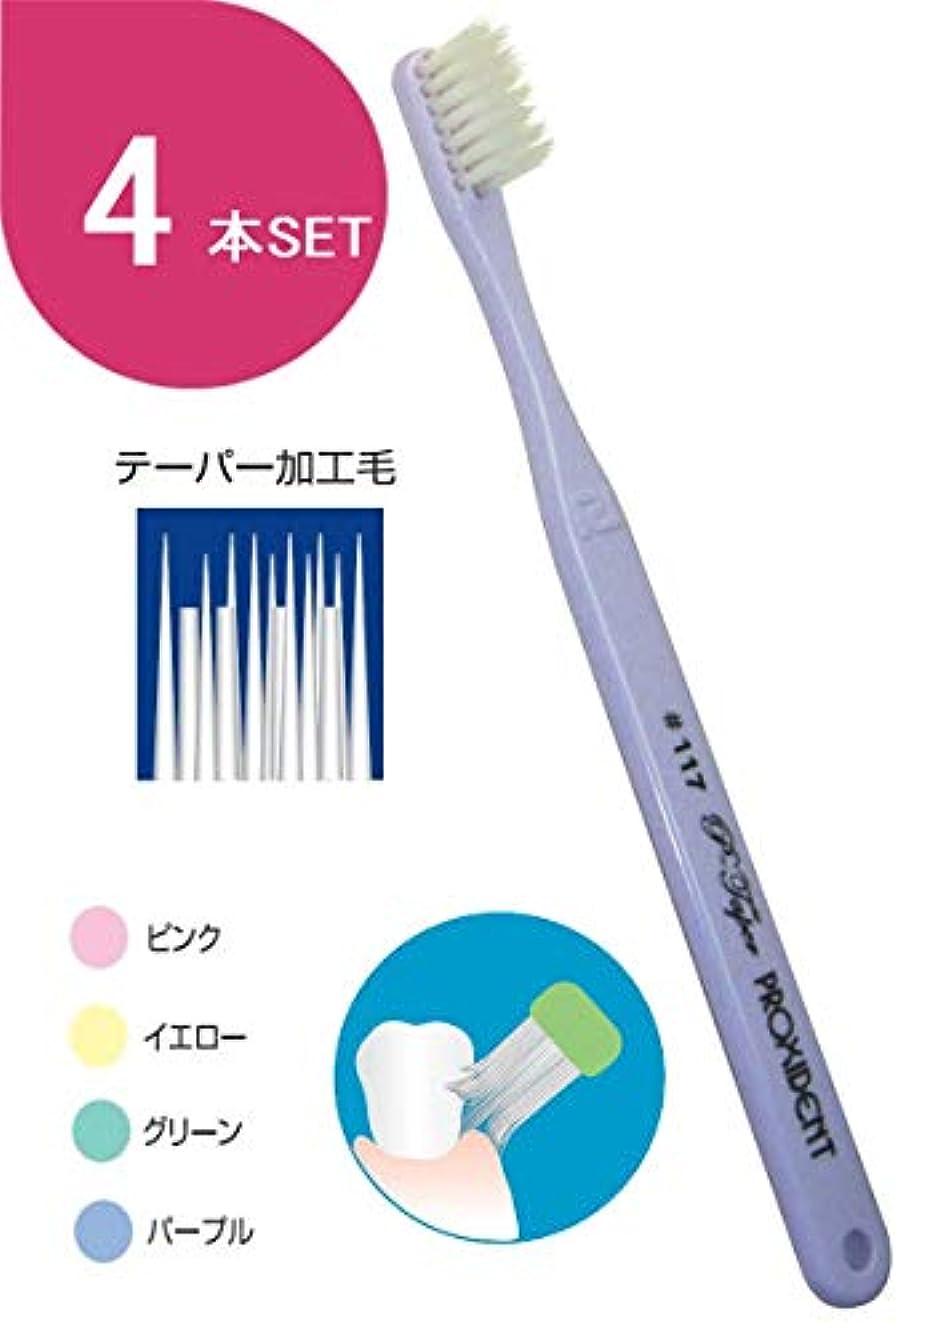 モンクパターン厚いプローデント プロキシデント コンパクトヘッド ピーテーパー 歯ブラシ #117 (4本)